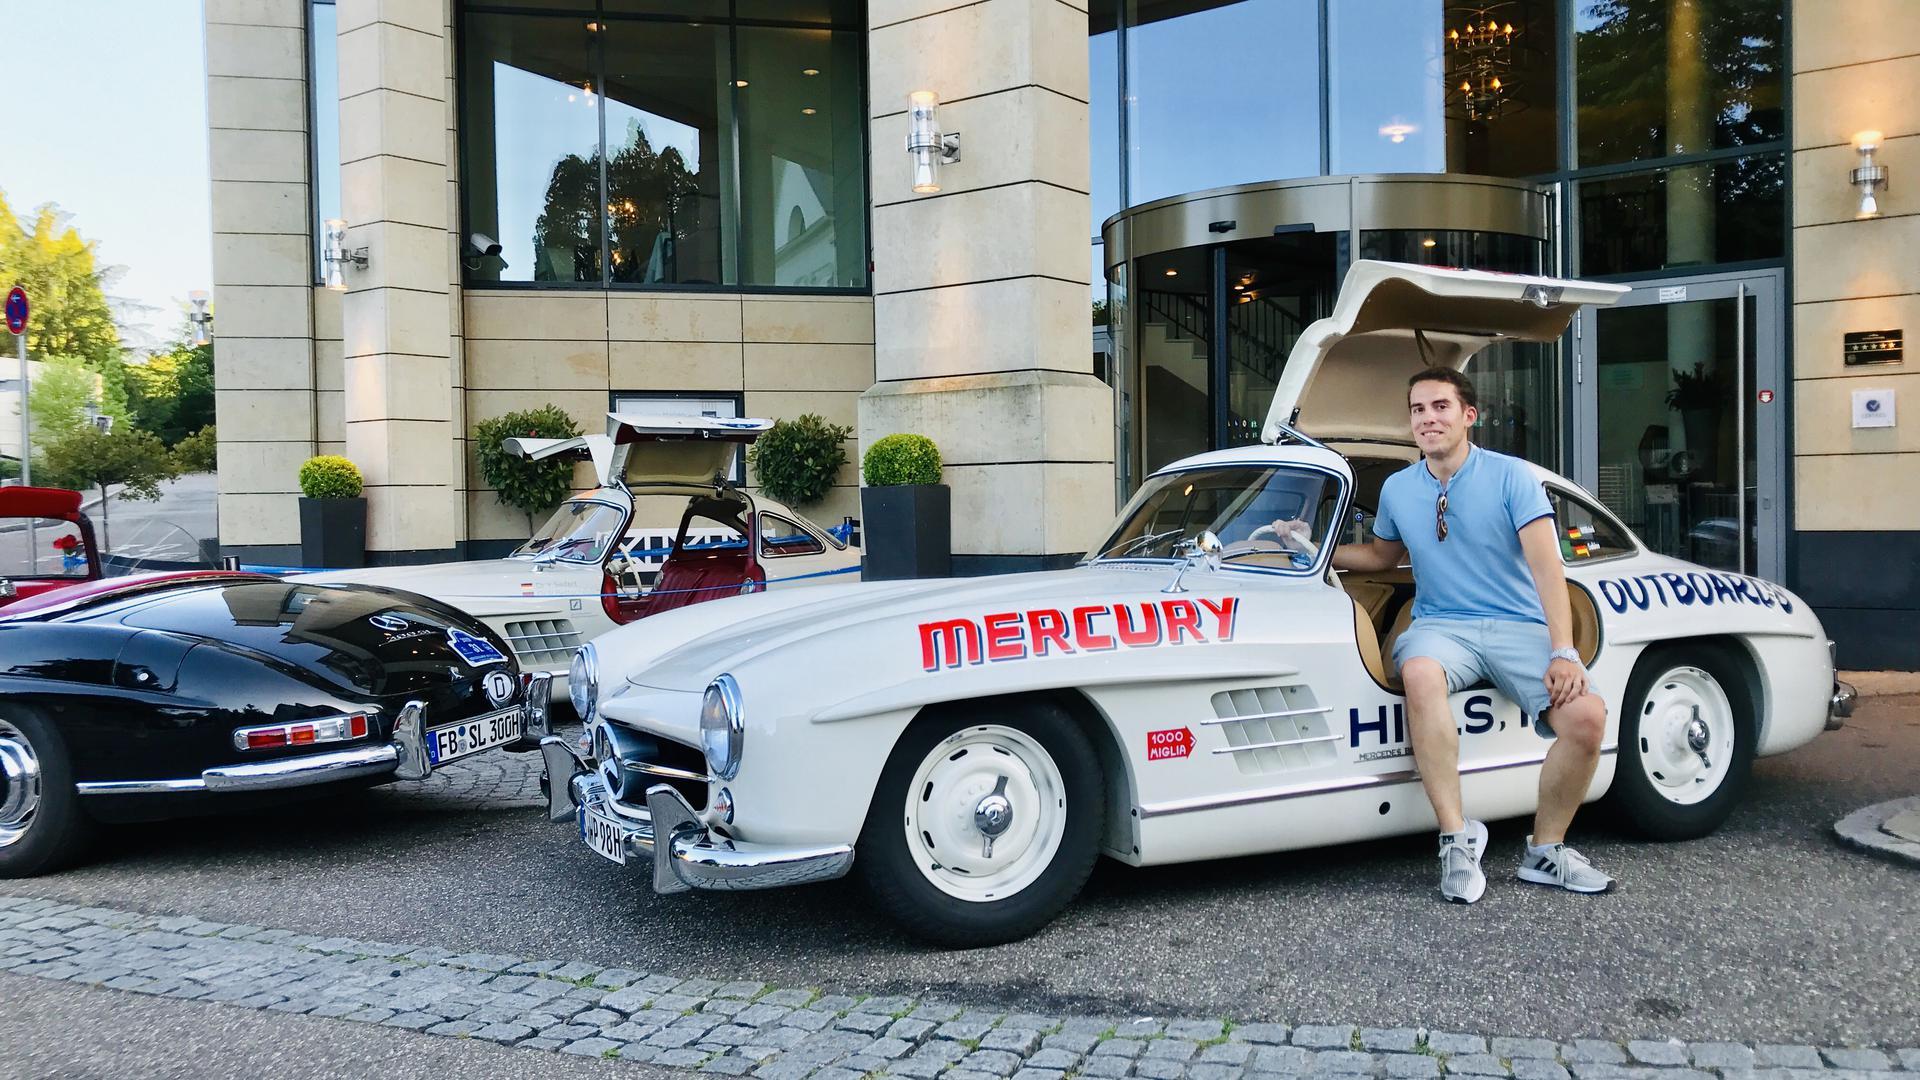 Legendär: Dieser Mercedes-Benz 300SL mit dem Baujahr 1954 gewann am 6. August 1955 mit Tim Flock am Steuer das einzige Nascar-Sportwagenrennen in Raleigh (North Carolina).